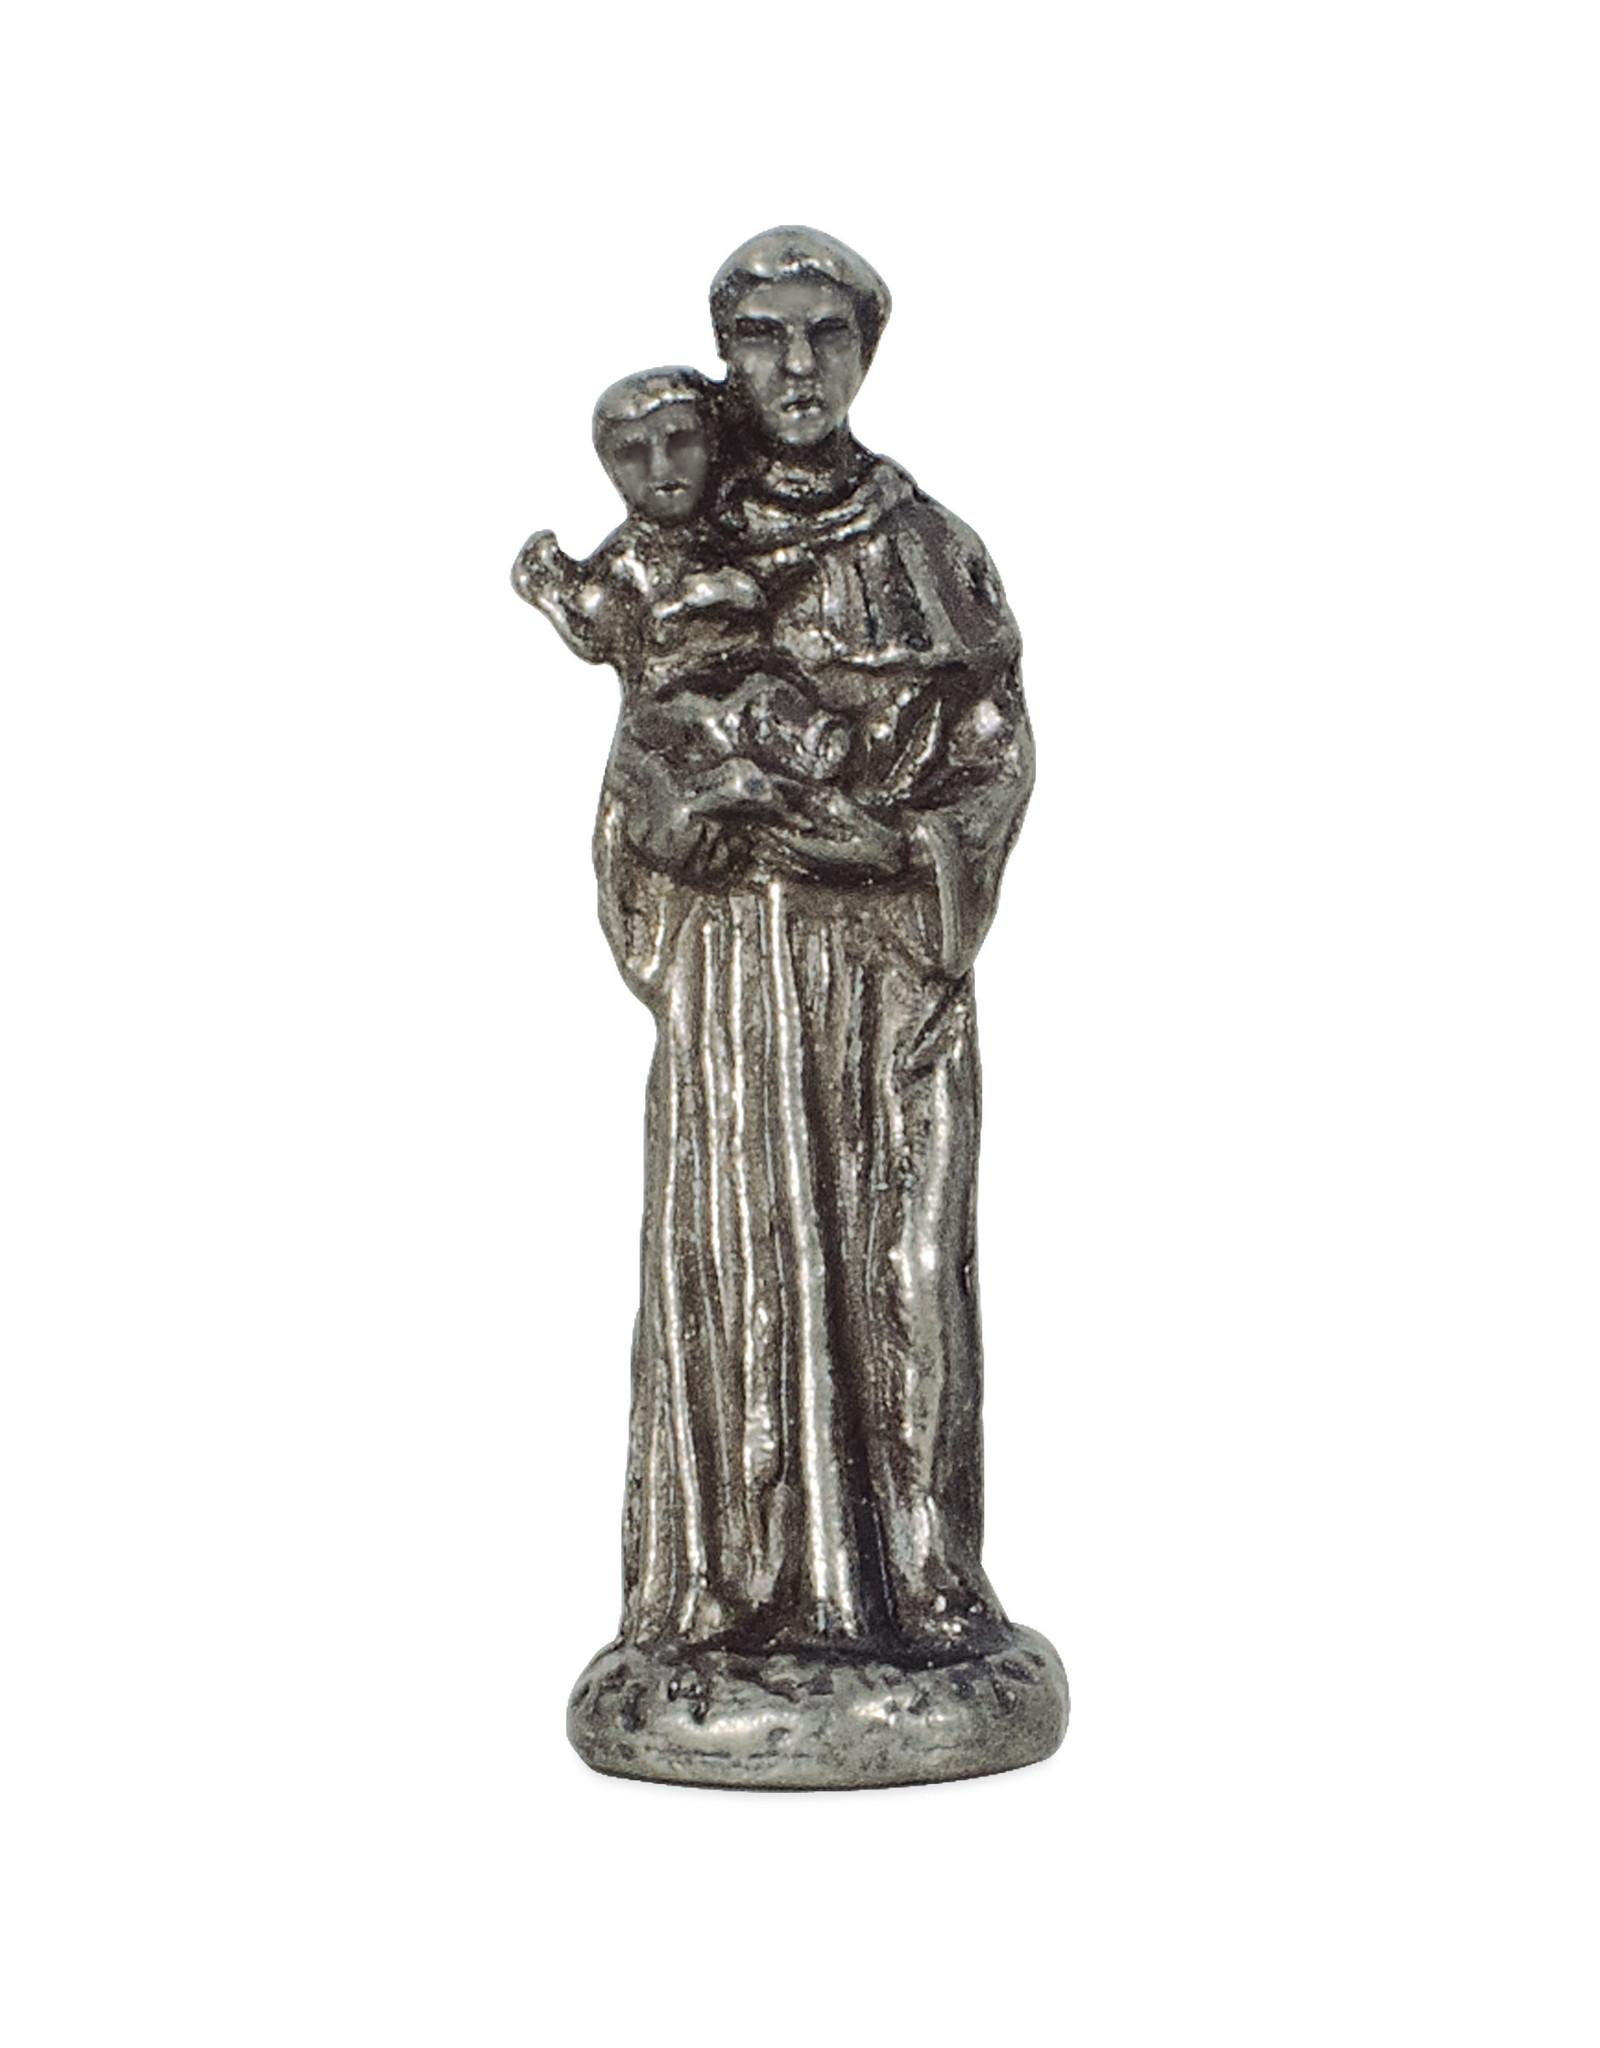 Amazing Saints - St. Anthony of Padua